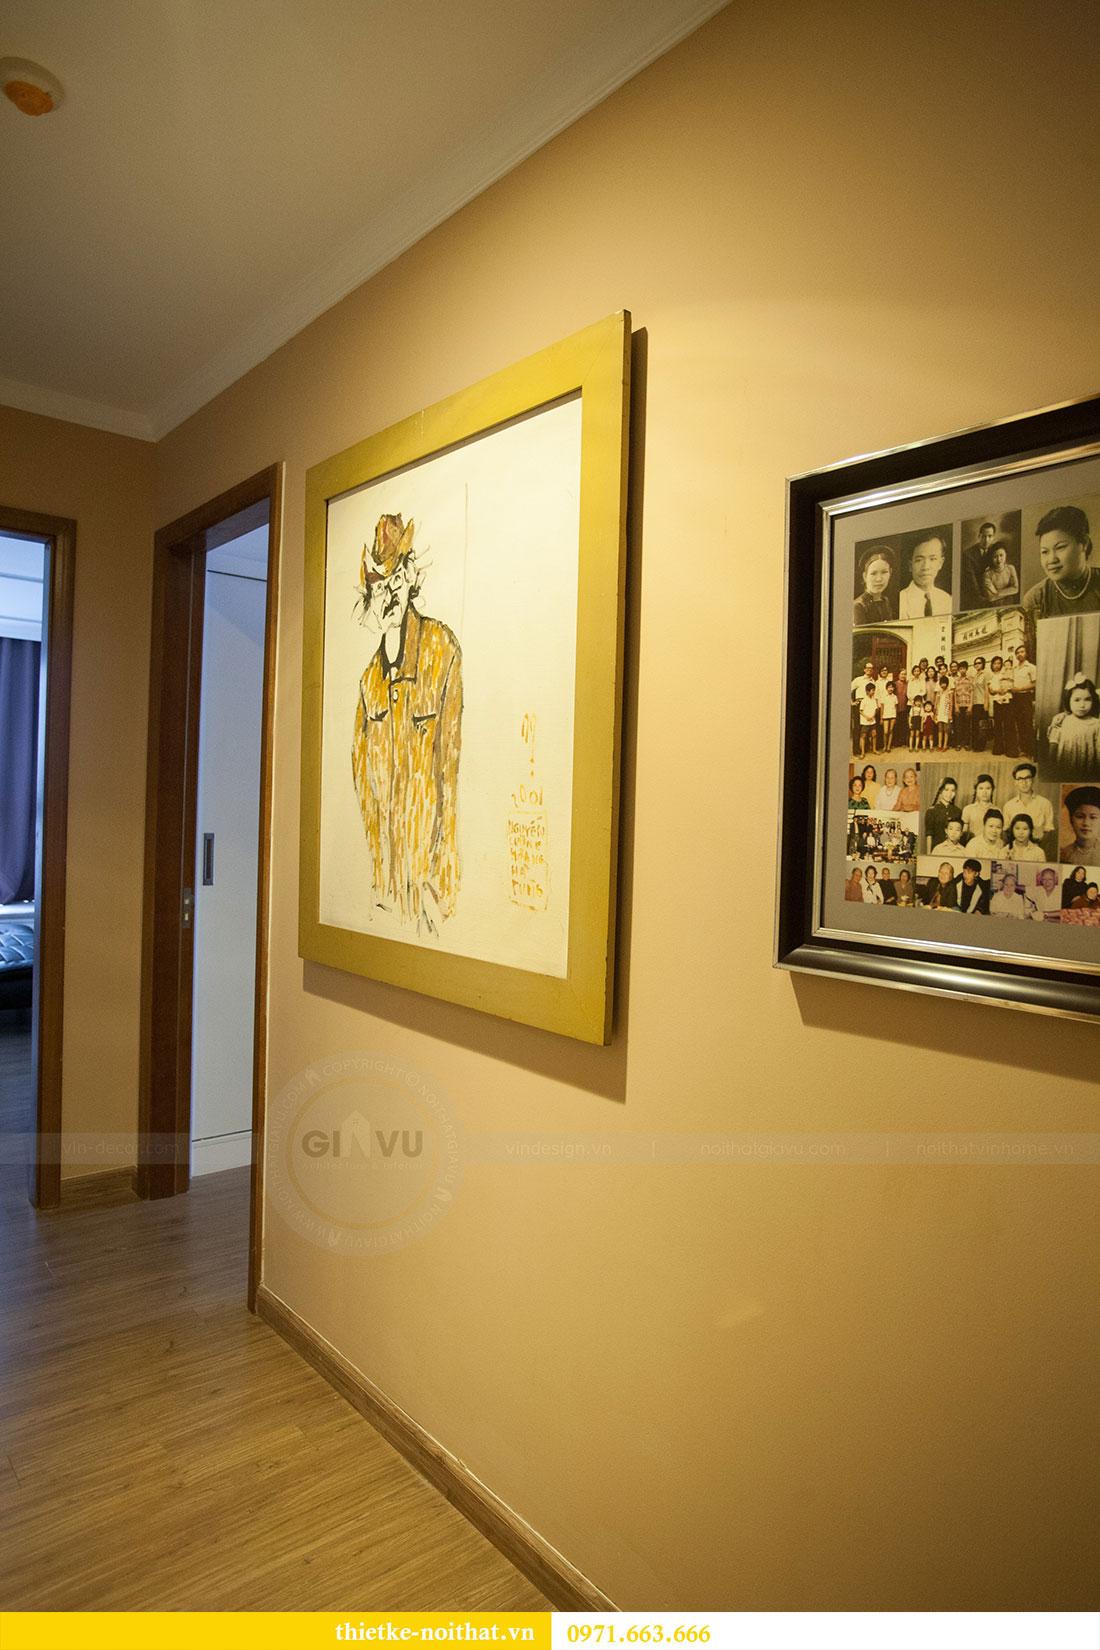 Hoàn thiện nội thất chung cư Park Hill nhà nhạc sỹ Nguyễn Cường 12